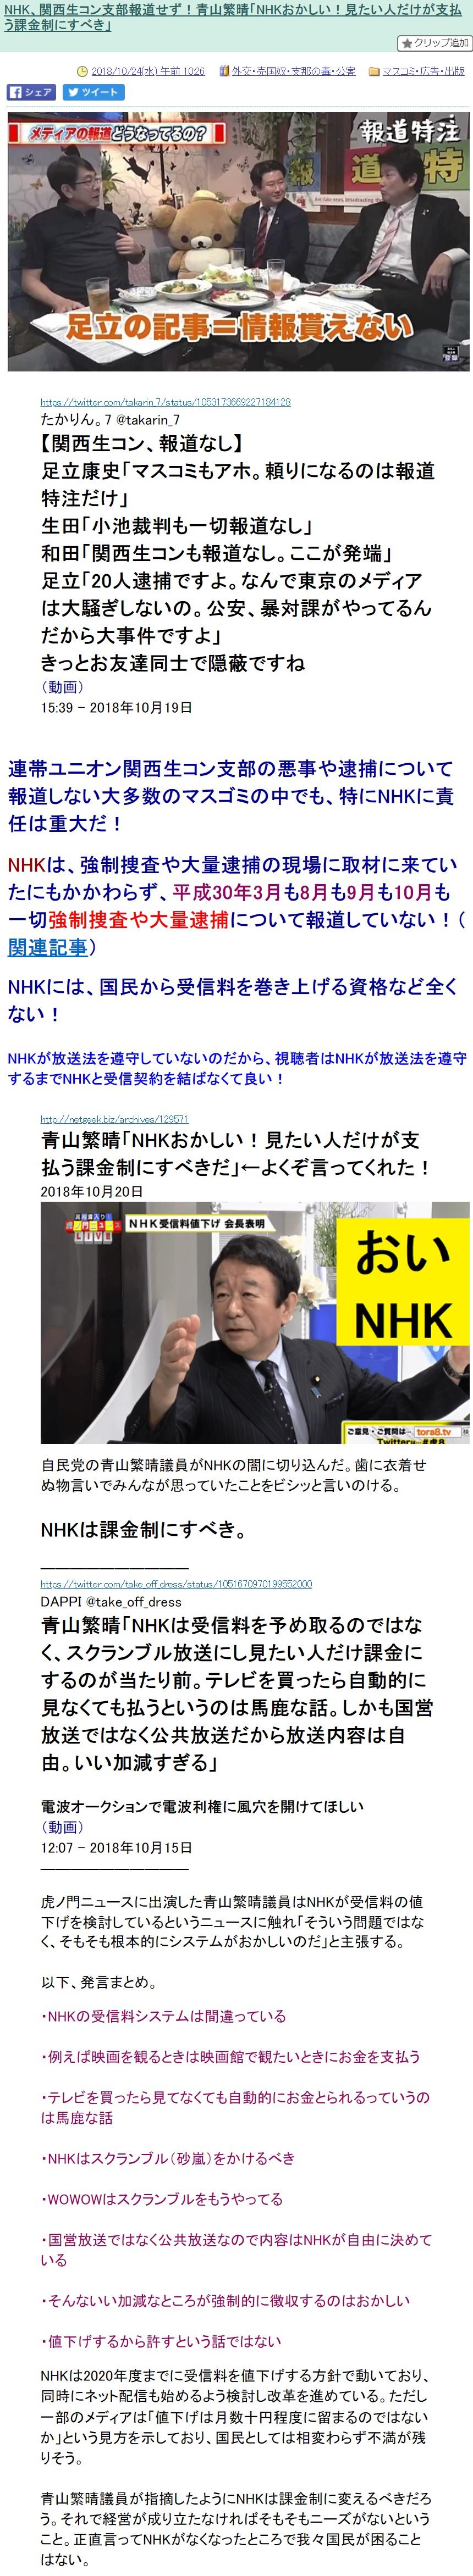 NHKは関西生コン逮捕を報道せず1